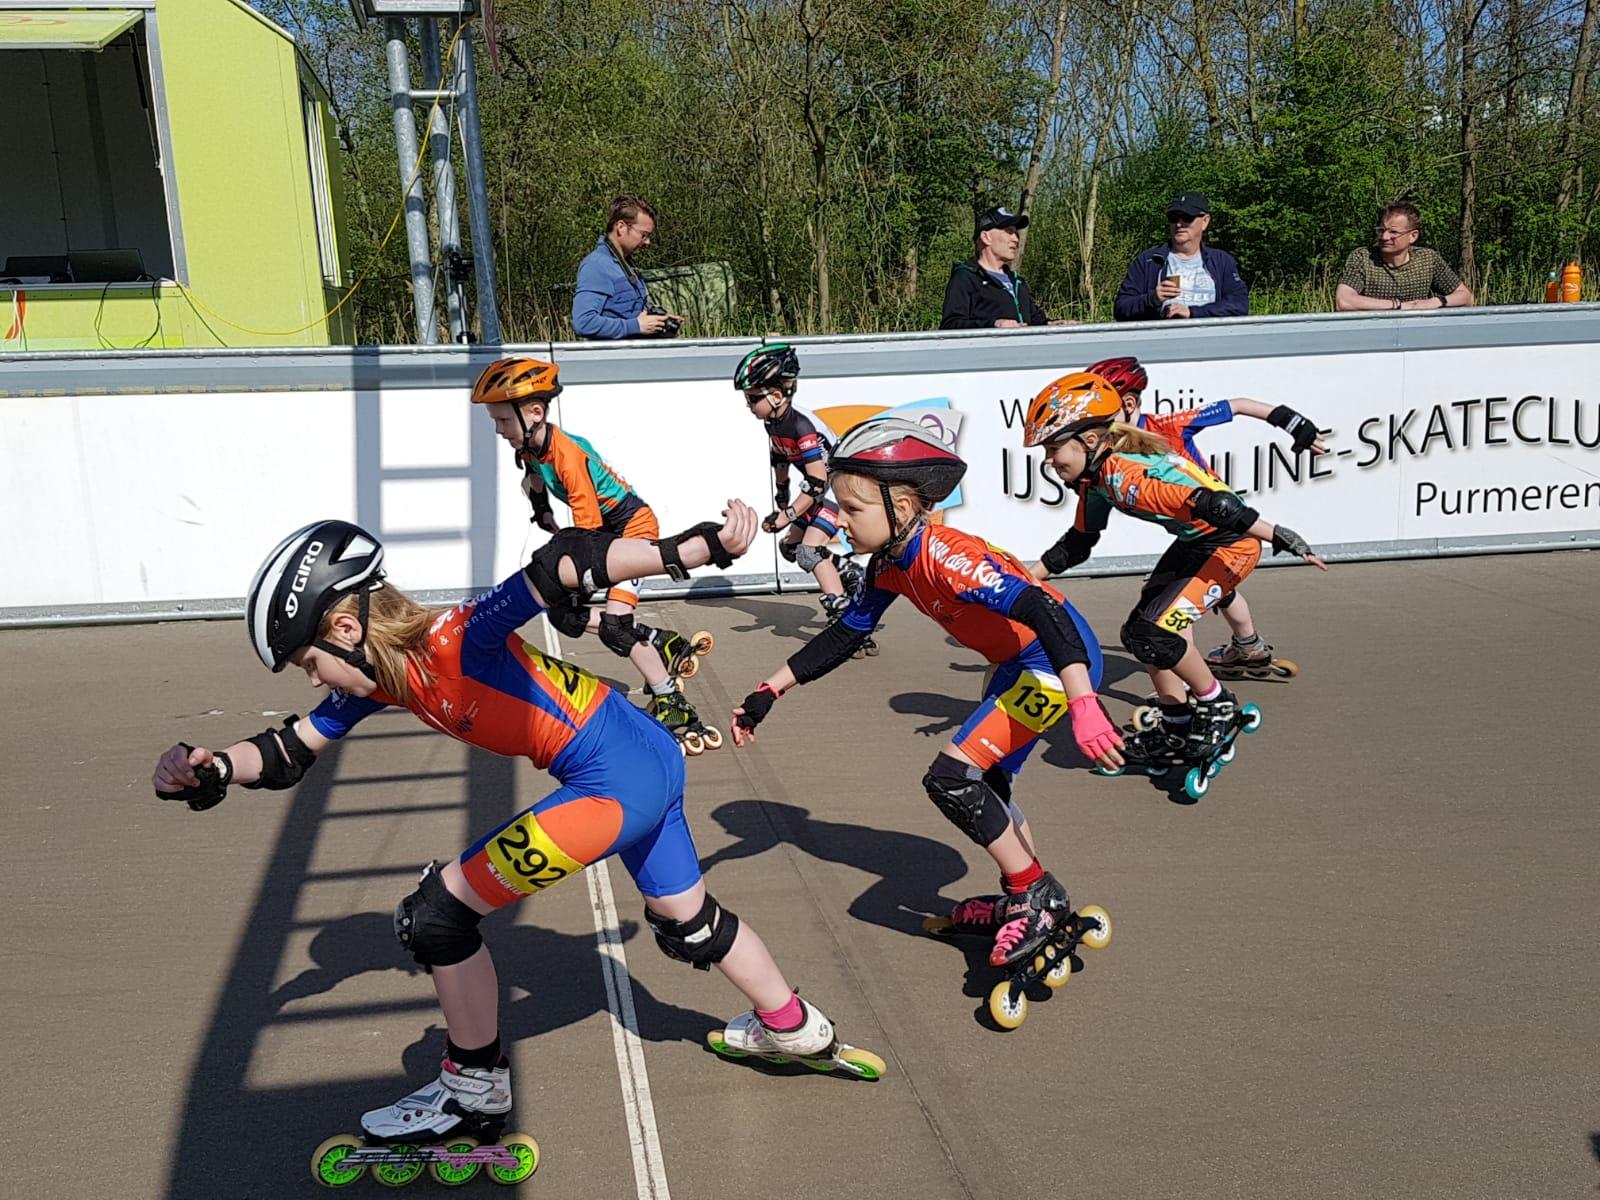 Bij het nationale pupillentoernooi probeert jonge inline-skatende jeugd uit heel Nederland een gooi te doen naar de titel nationaal kampioen. (Foto: IJs en Inline-skateclub Purmerend)